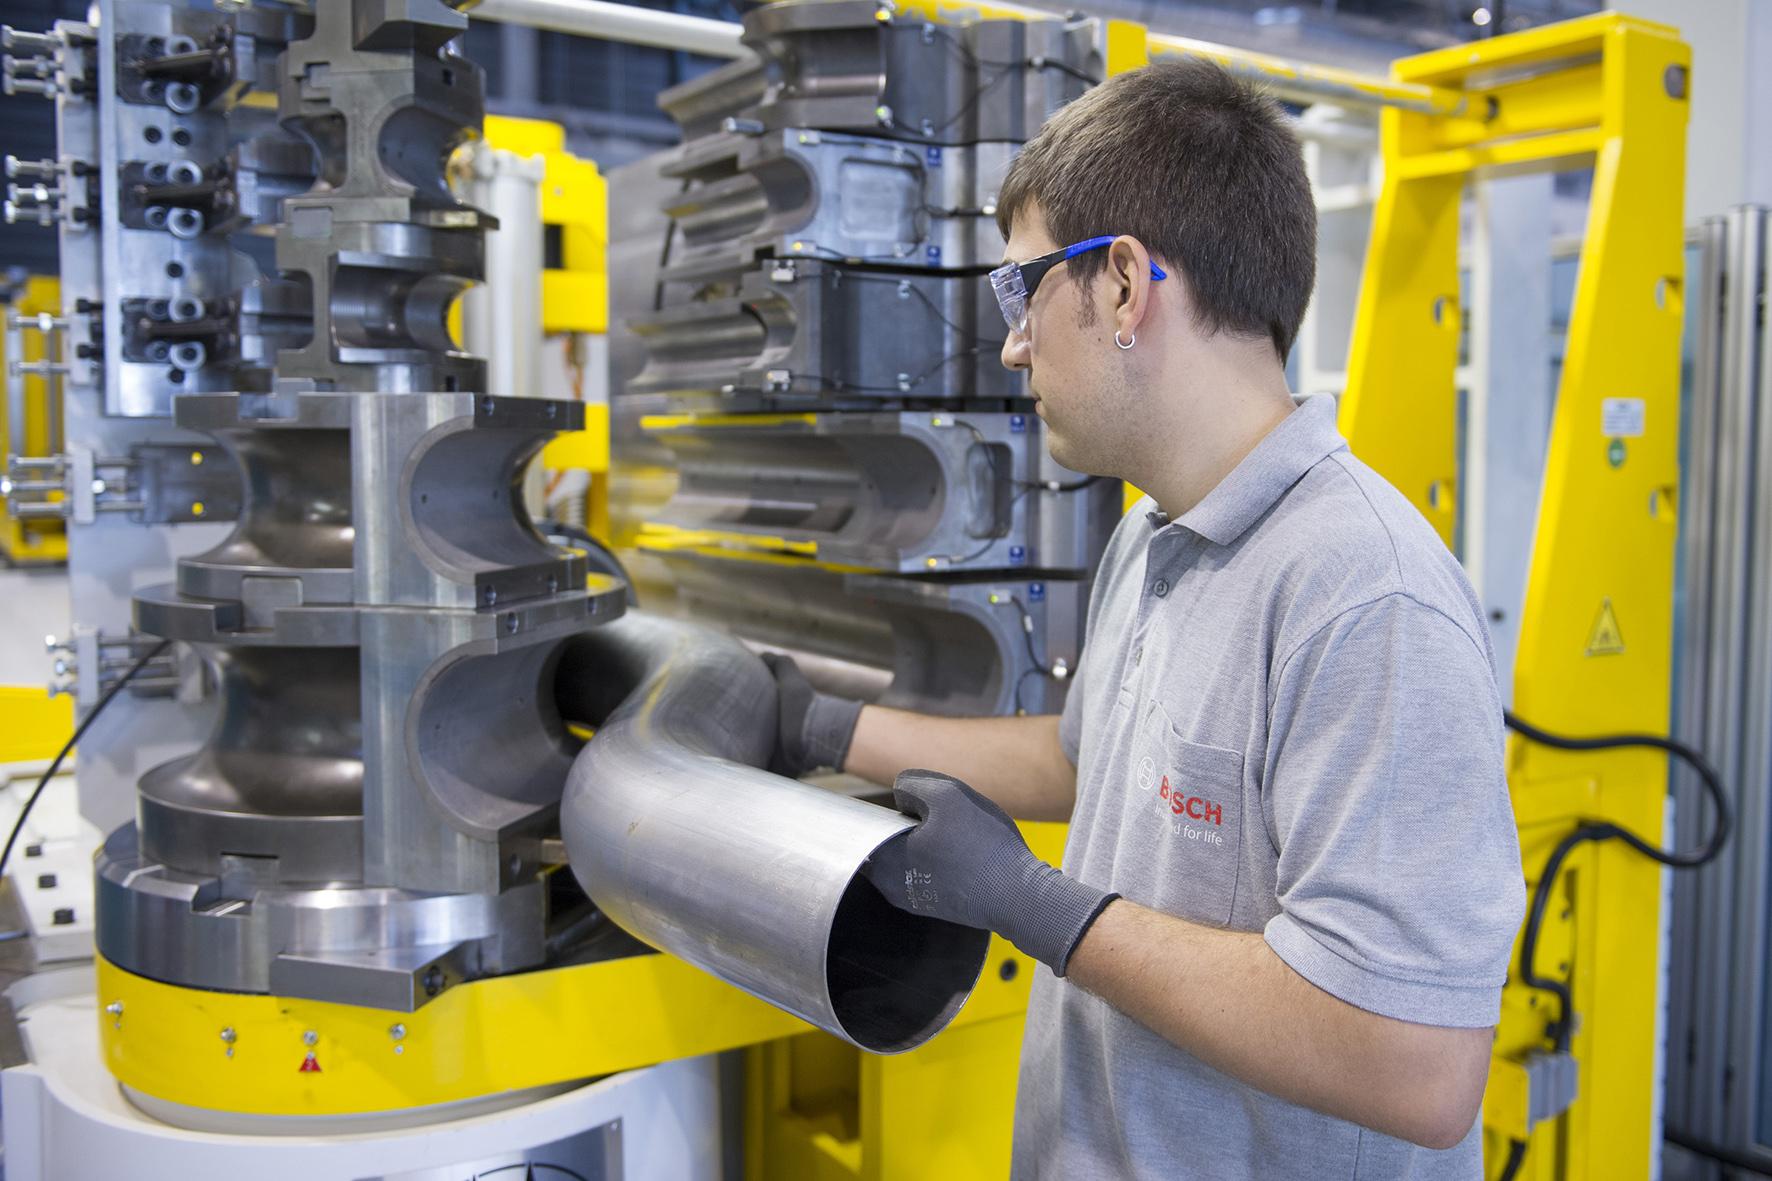 Batteriezellenfabrik: Made in Germany